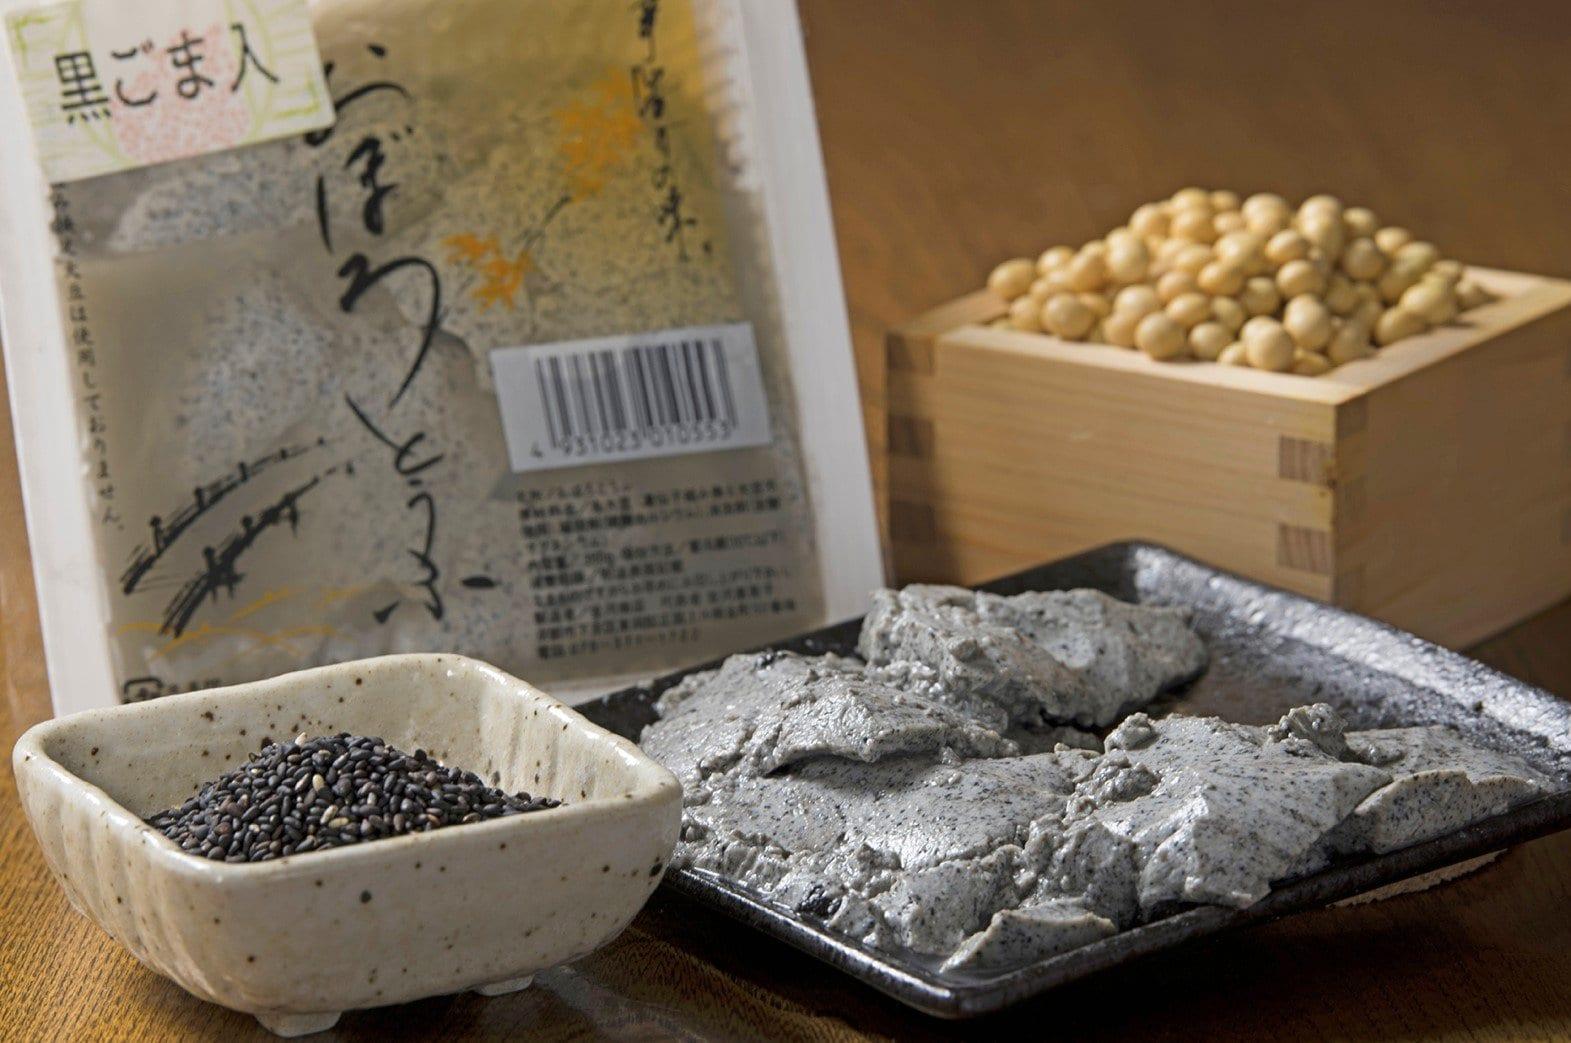 京都伝統の京とうふ|黒ごま入りおぼろ豆腐